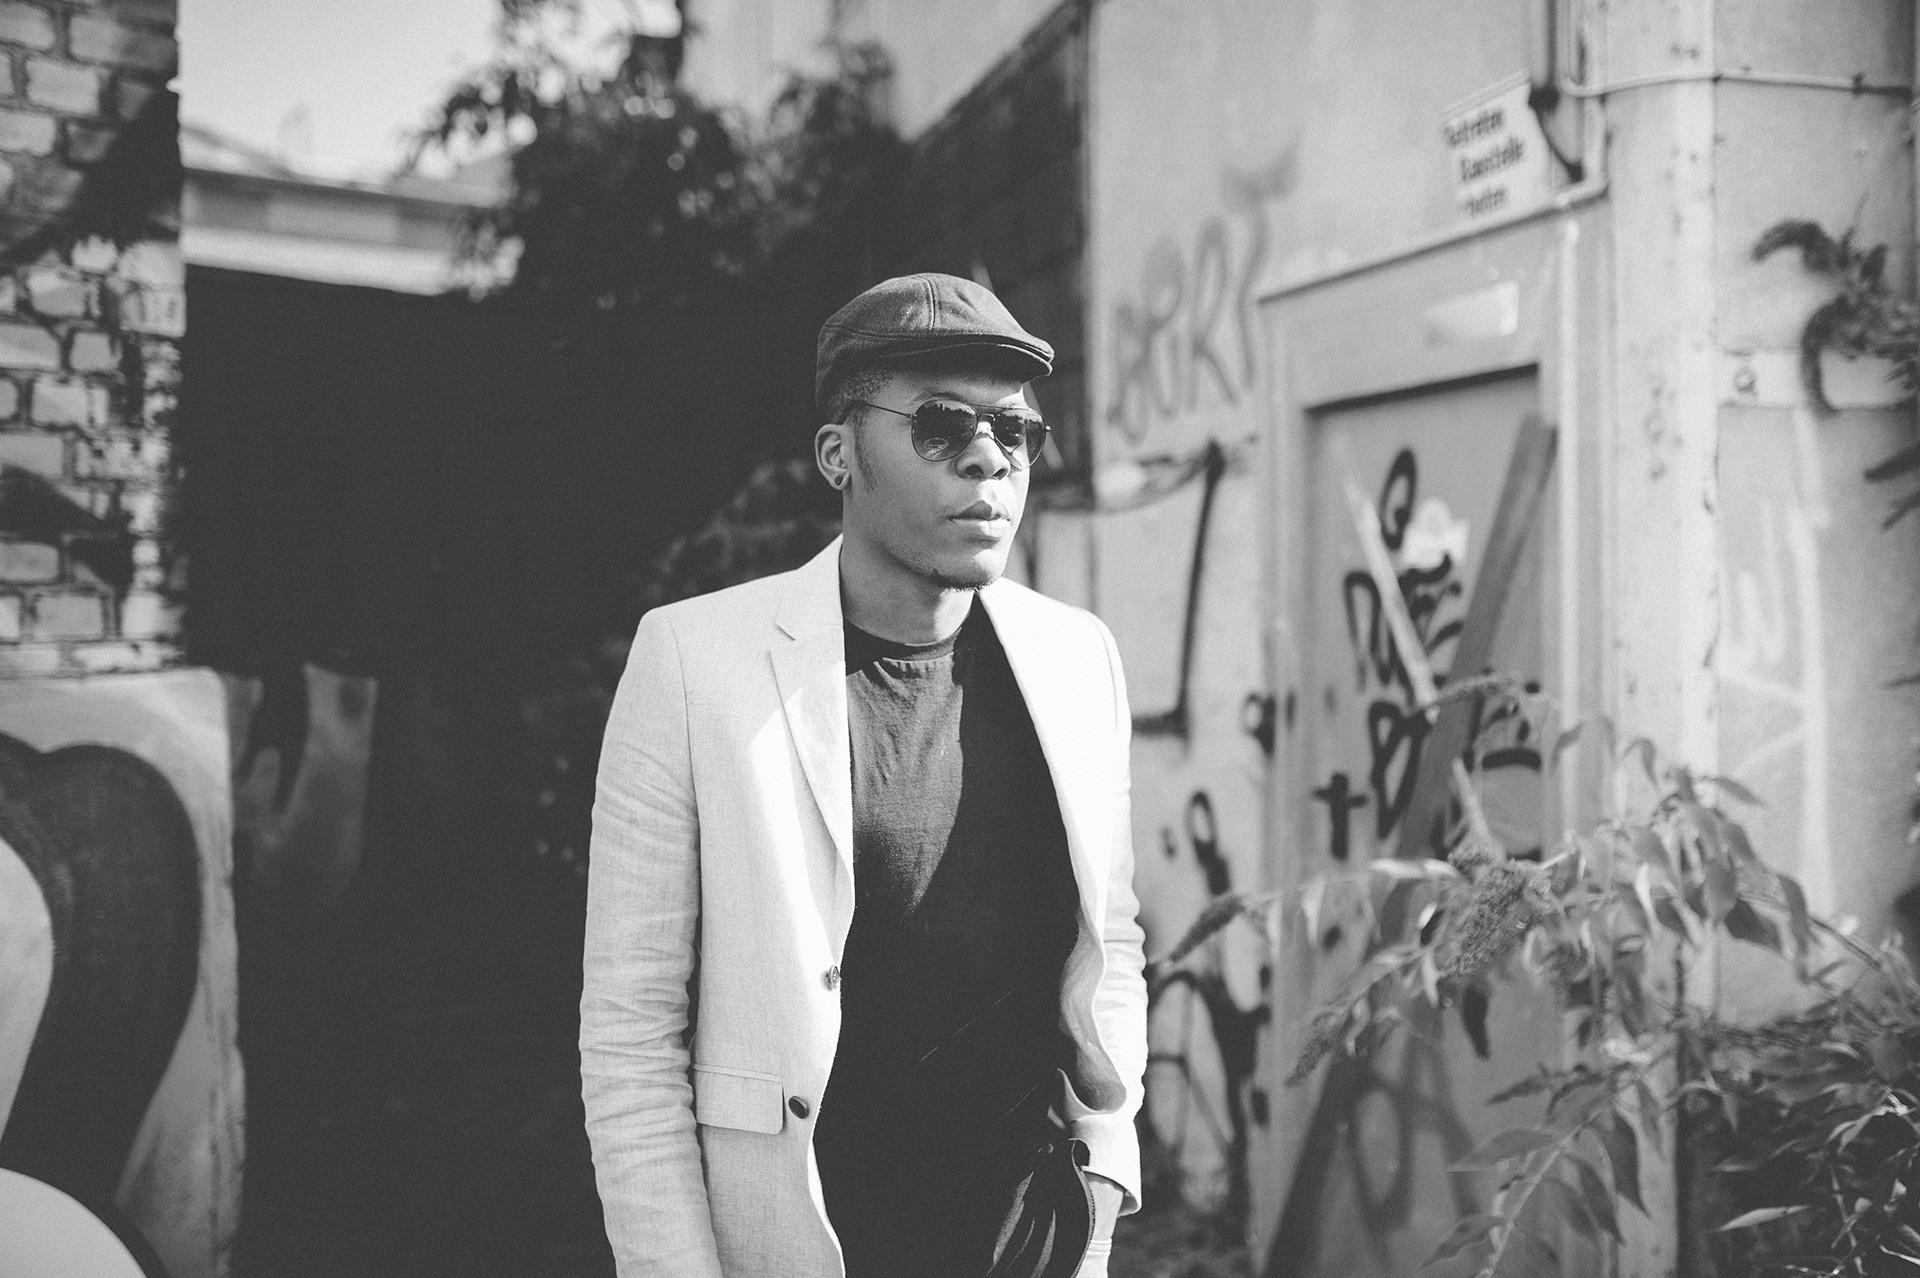 Billy im Jay-Z Look - schwas-weiß